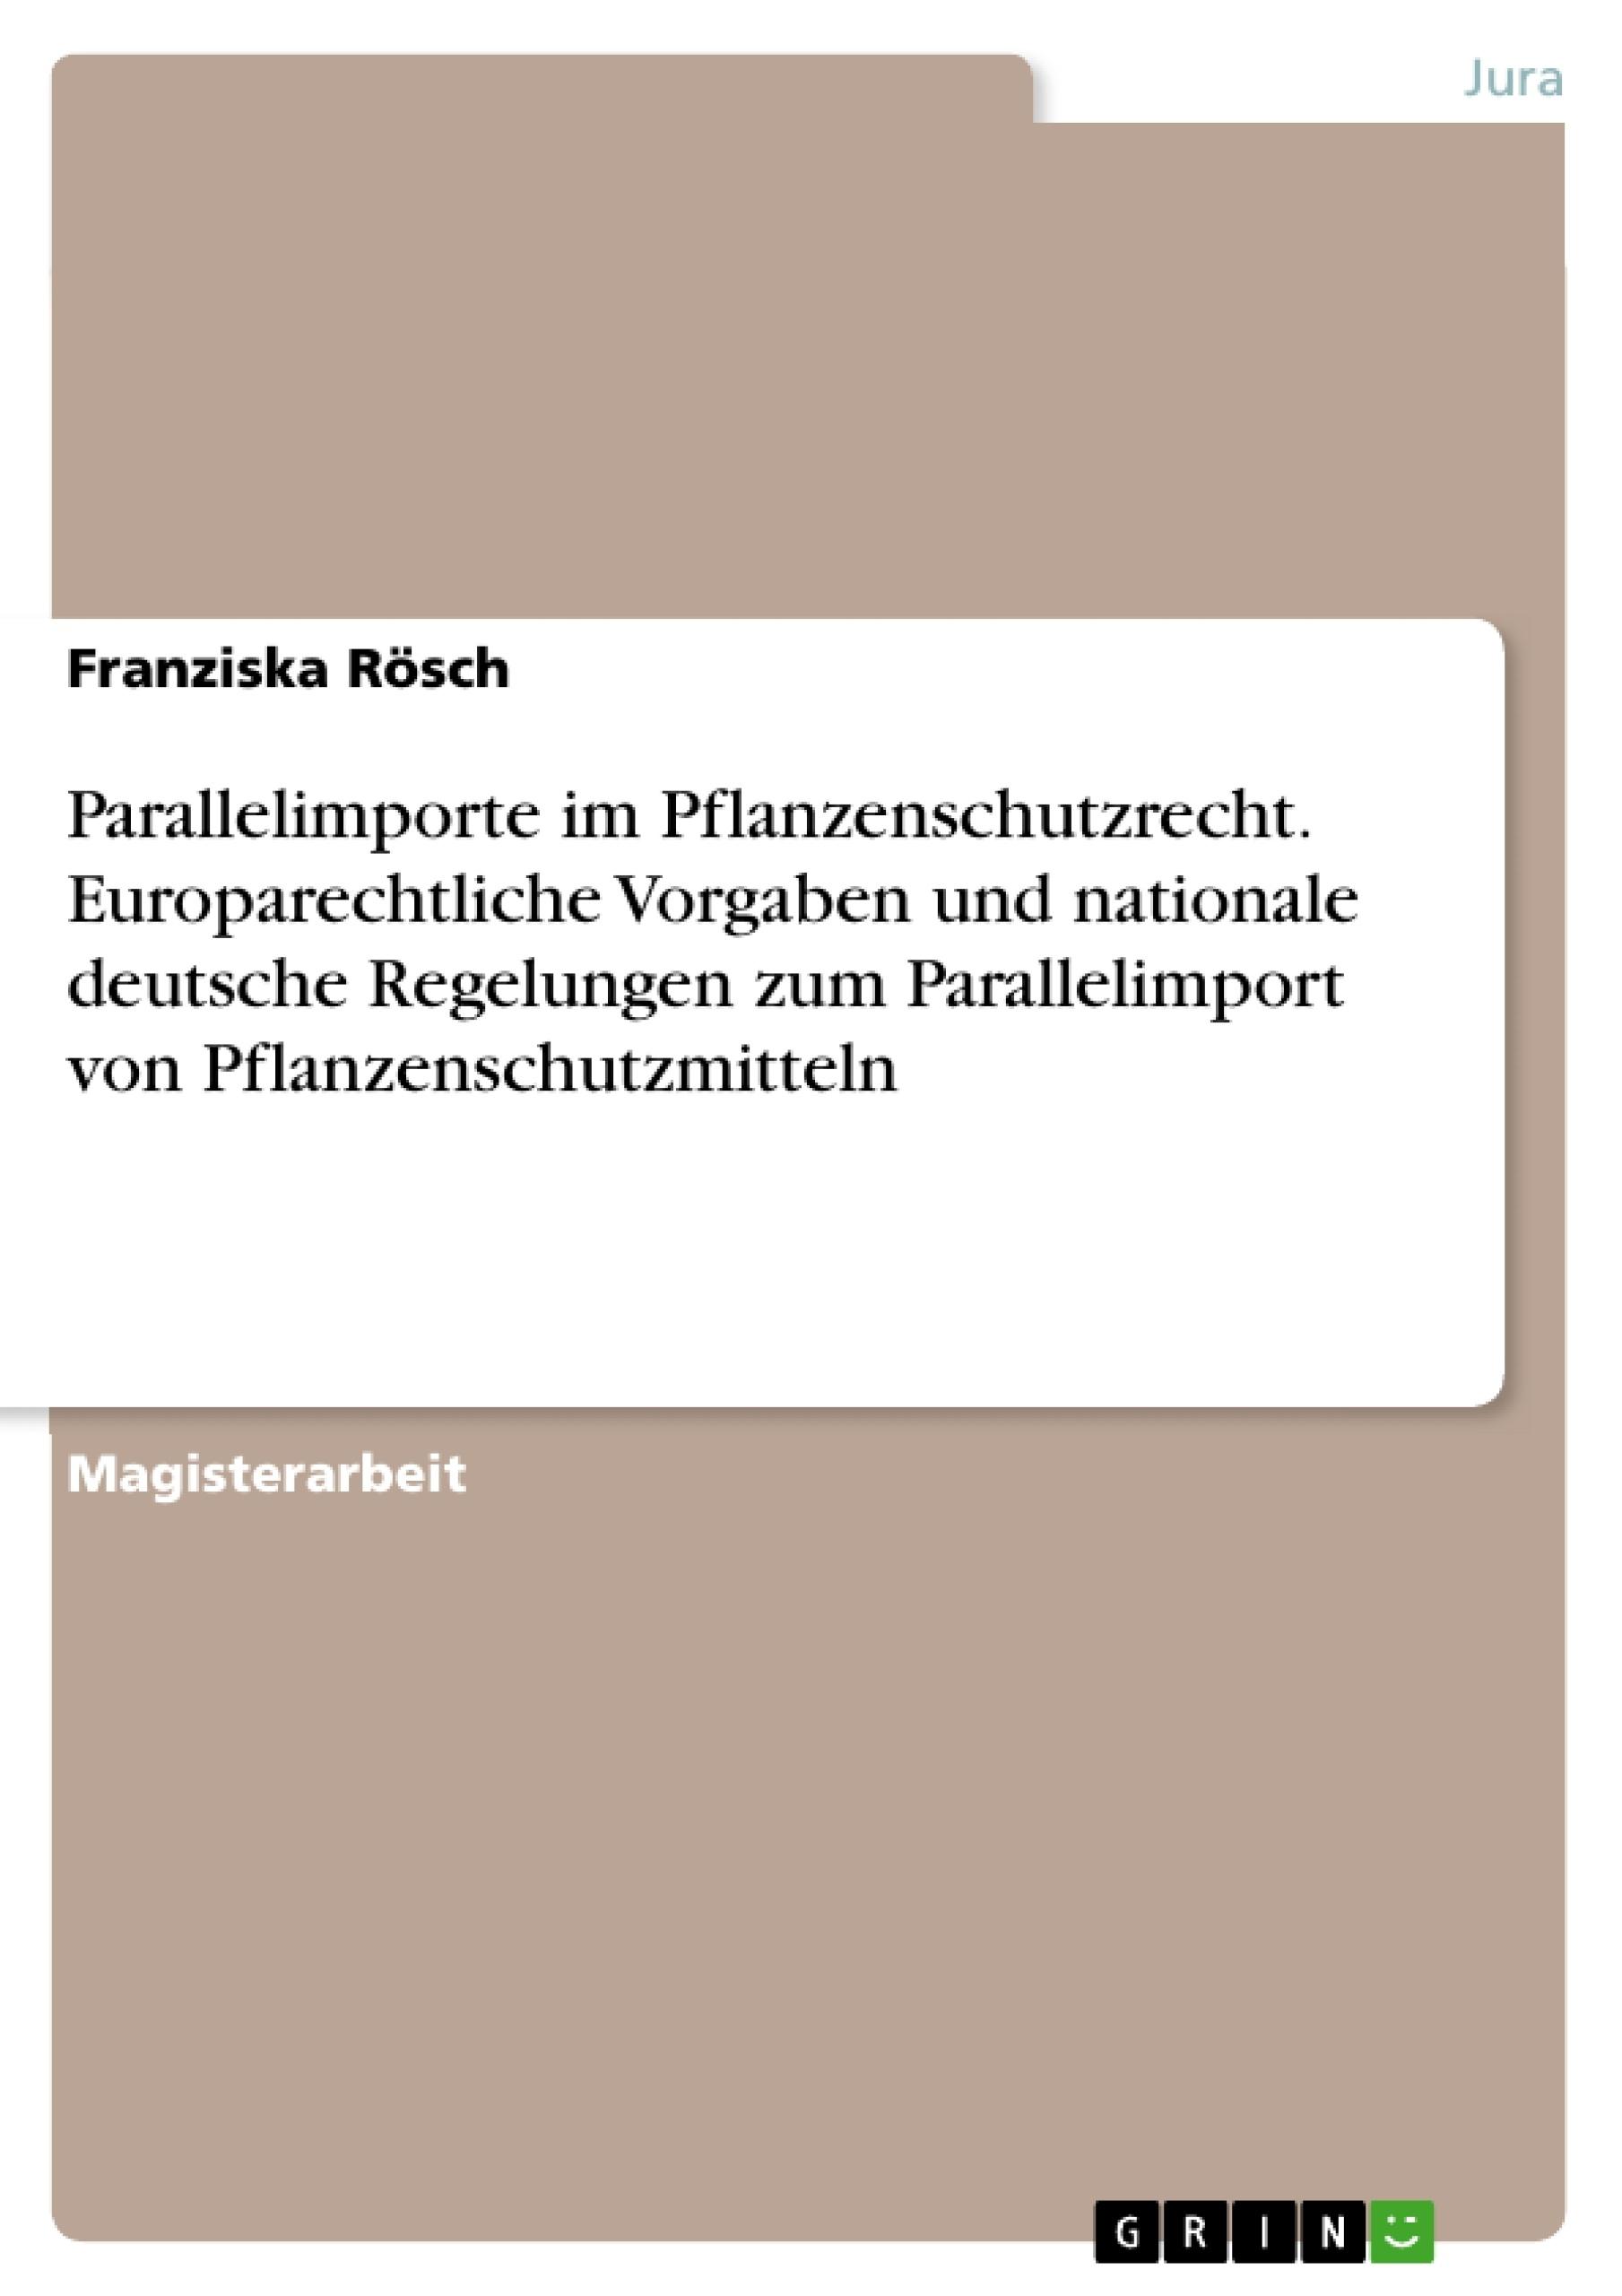 Titel: Parallelimporte im Pflanzenschutzrecht. Europarechtliche Vorgaben und nationale deutsche Regelungen zum Parallelimport von Pflanzenschutzmitteln